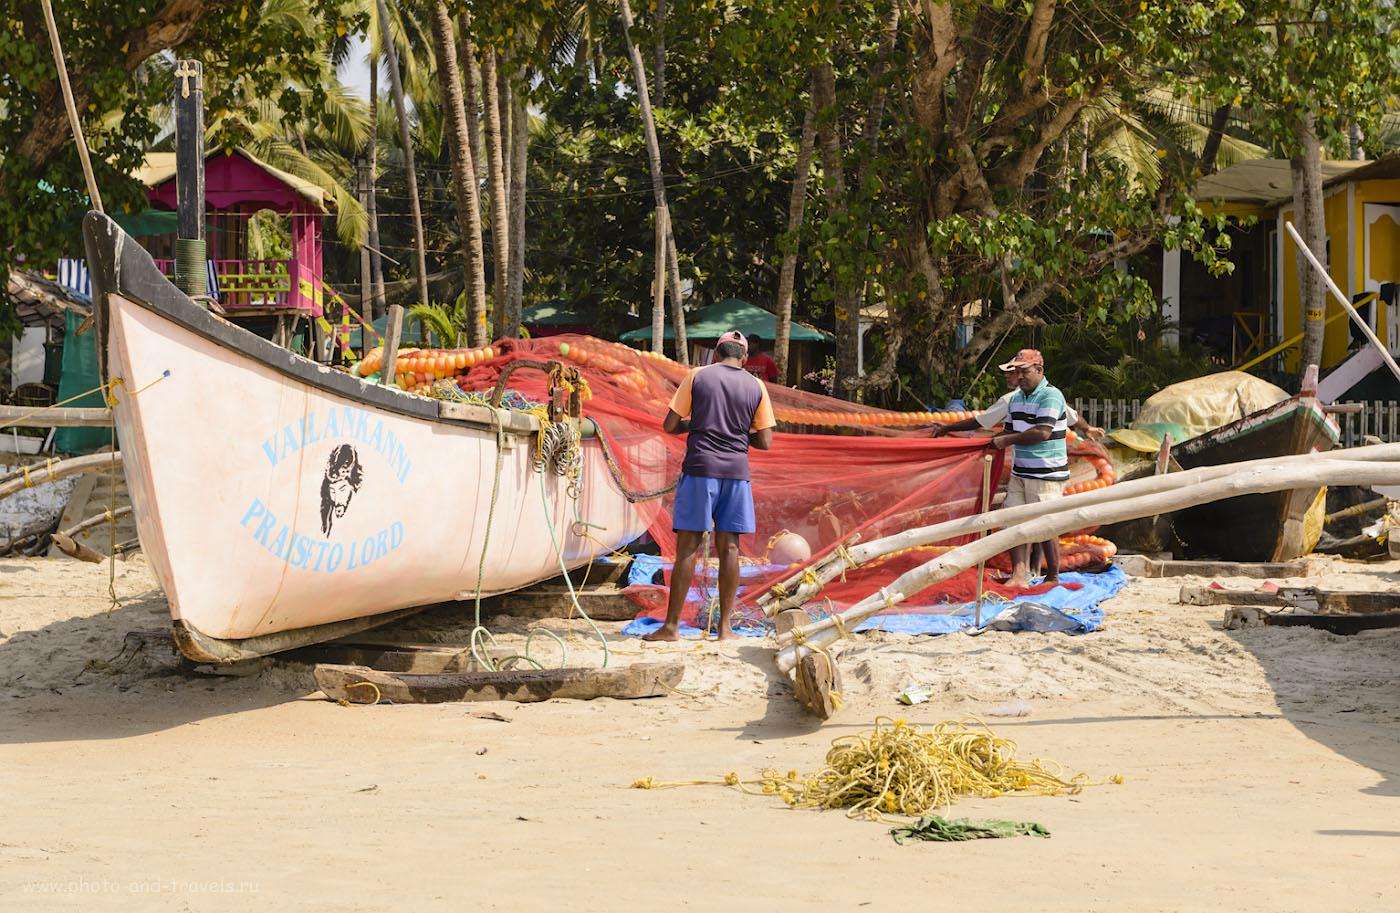 Фотография 9. Рыбаки на пляже Палолем. Отзывы туристов об отдыхе в Гоа в марте. 1/160, +0.67, 9.0, 100, 70.